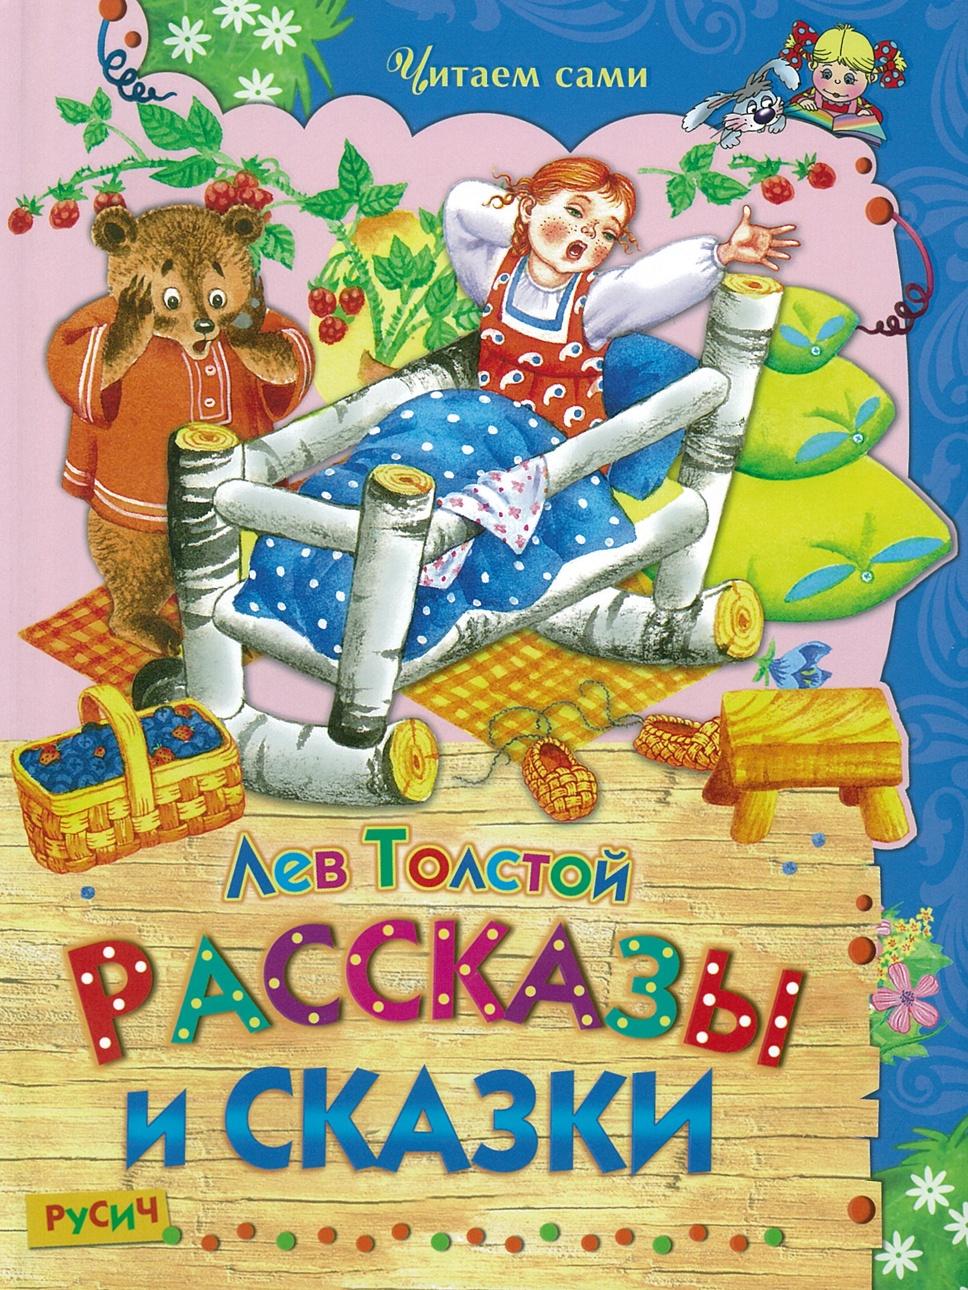 цена Лев Толстой Книга Рассказы и сказки. Толстой Русич онлайн в 2017 году